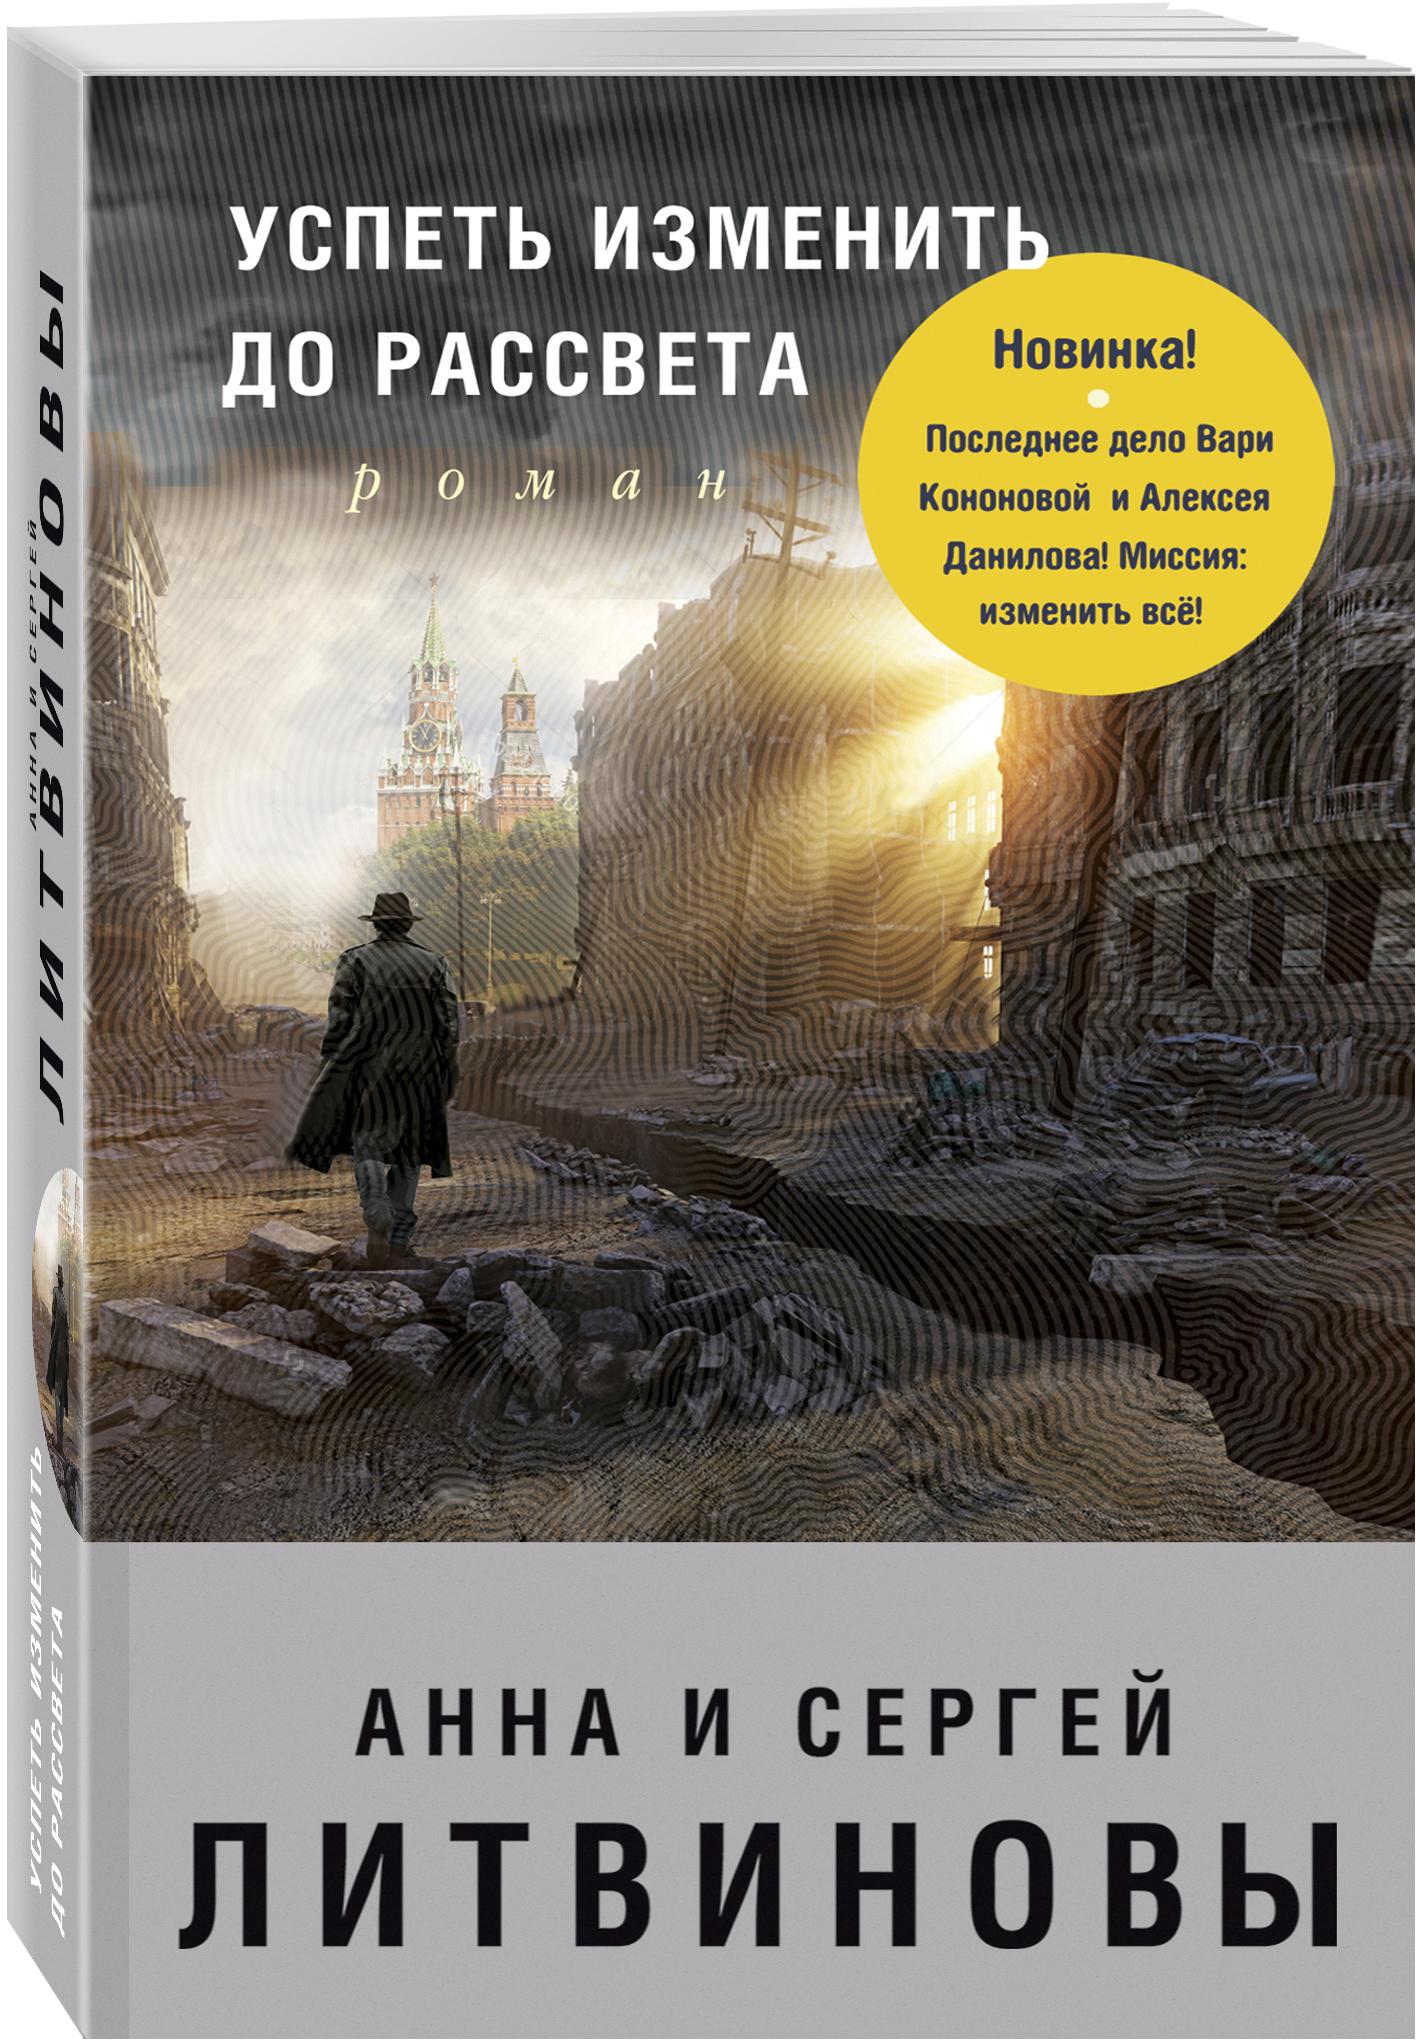 Анна и Сергей Литвиновы Успеть изменить до рассвета